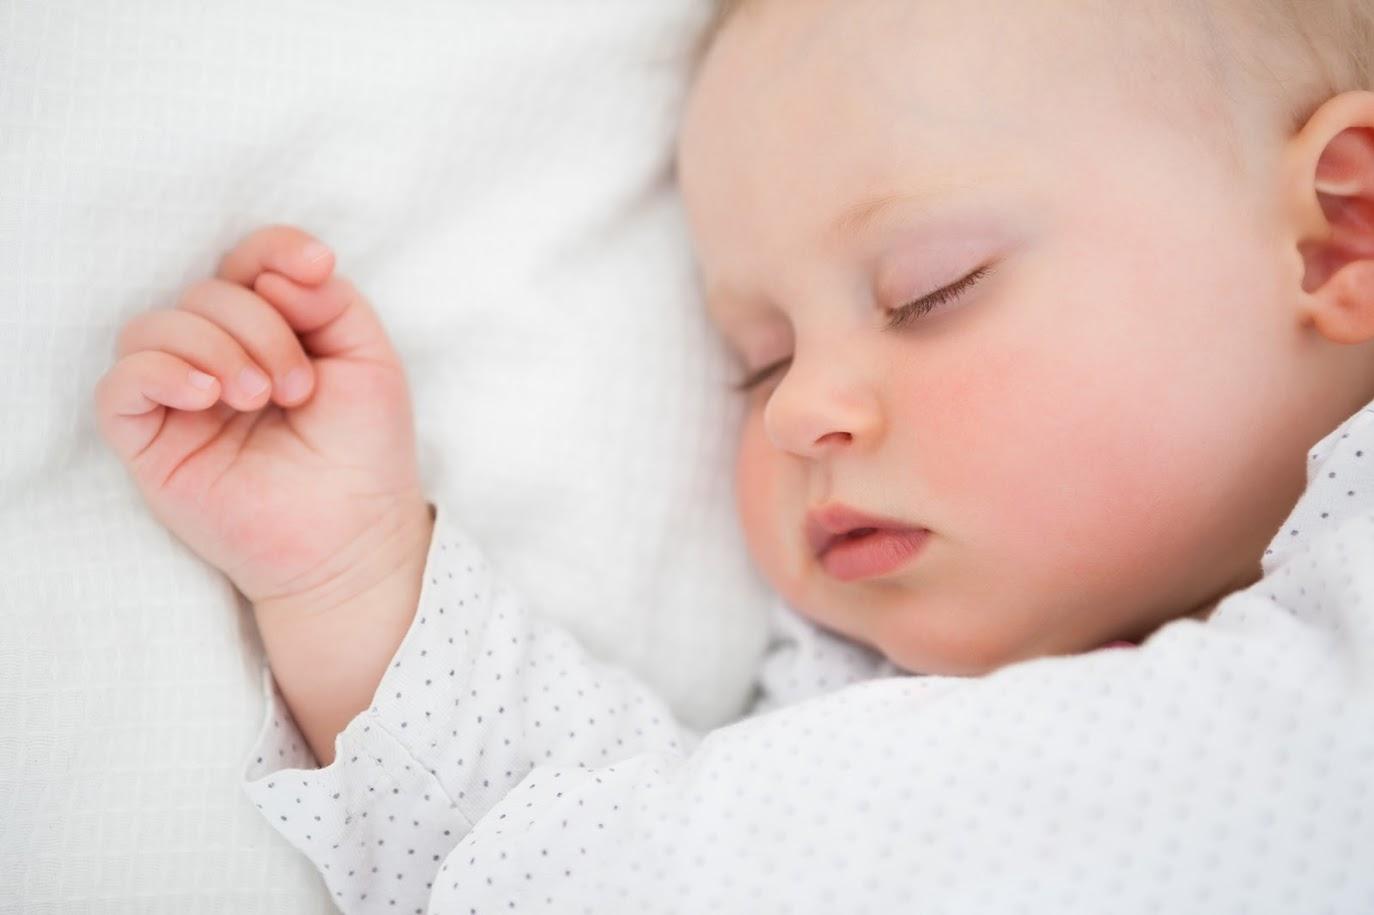 赤ちゃんイメージ画